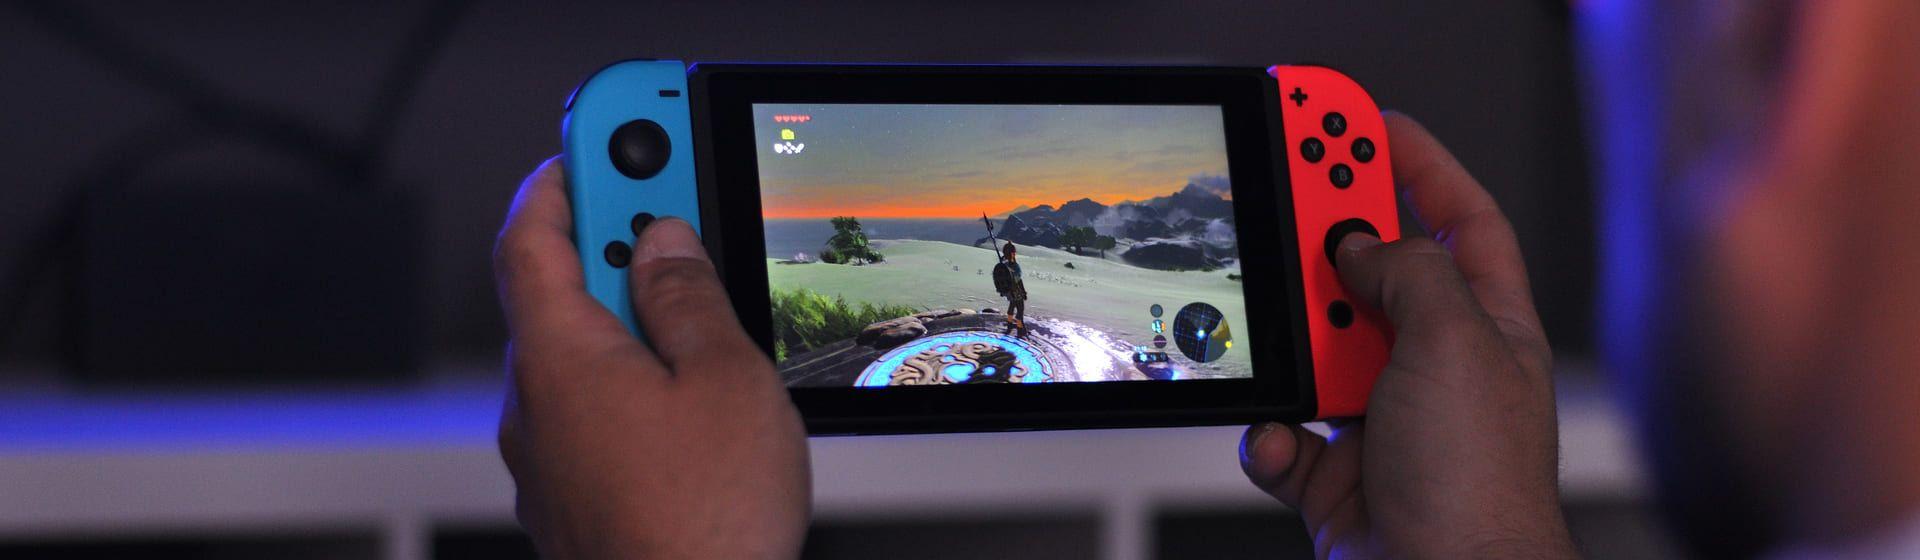 Duas mãos segurando um videogame portátil Nintendo Switch